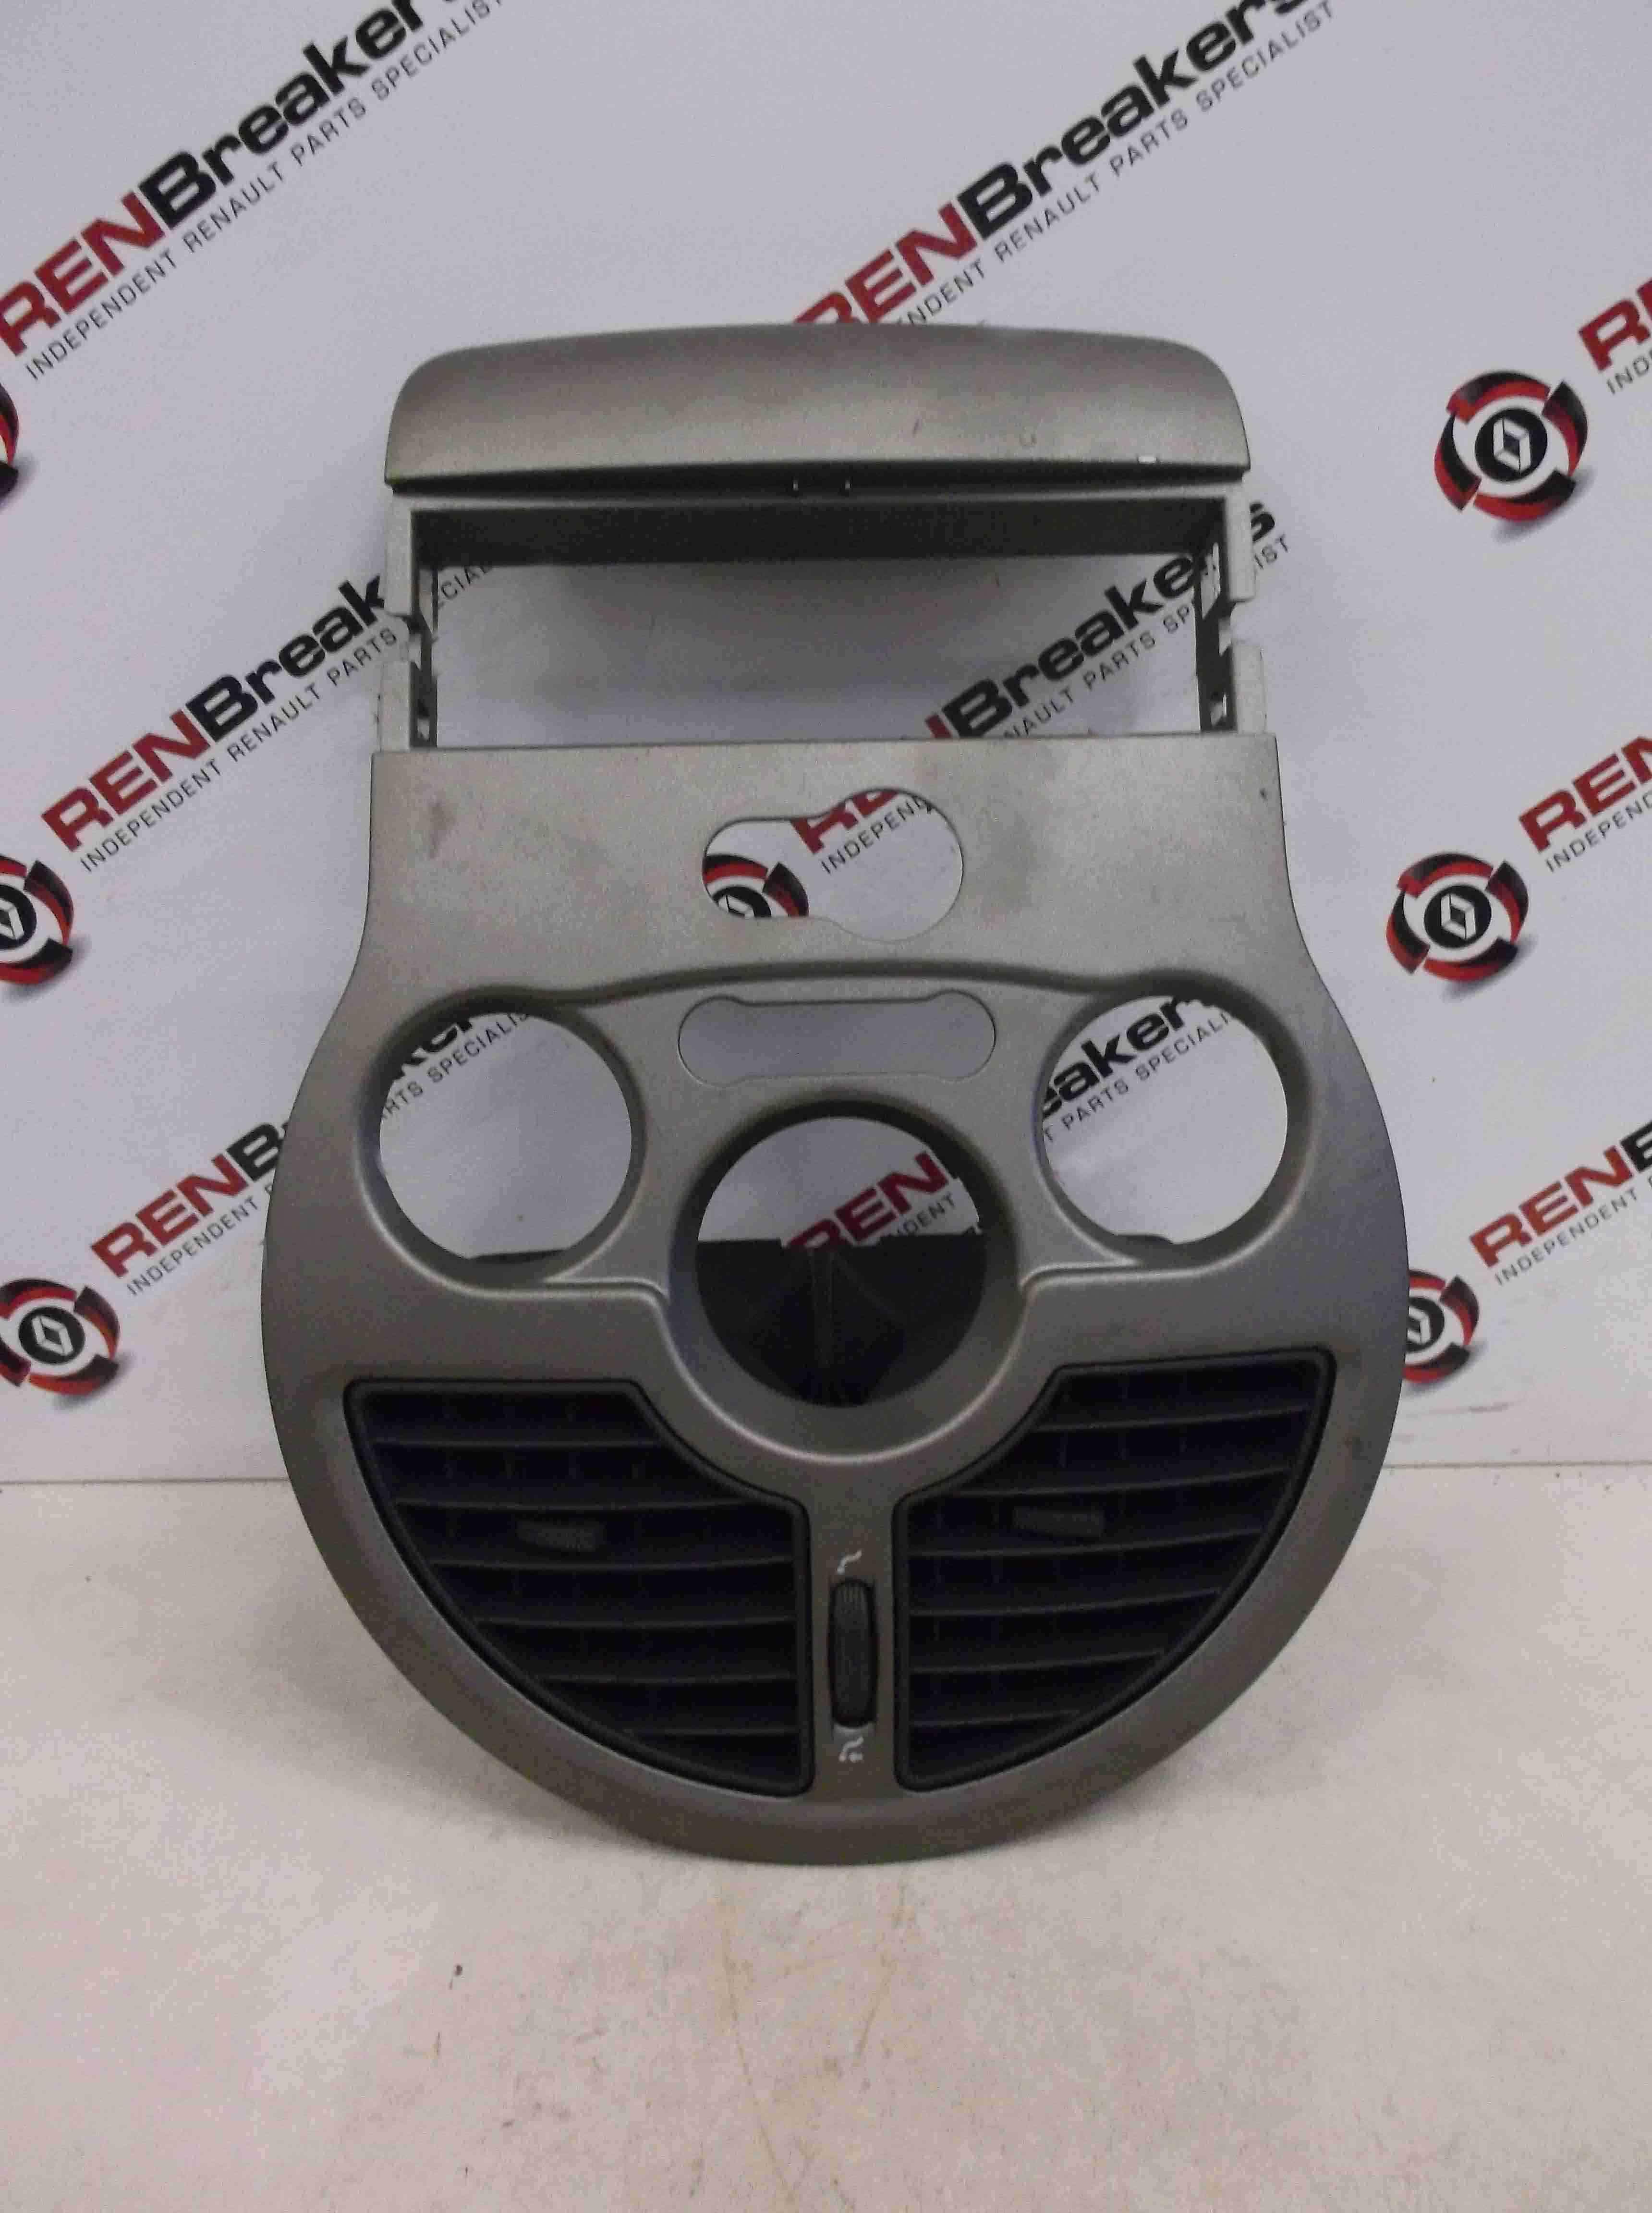 Renault Modus 2004-2008 Centre Heater Vent Trim Plastic  Console 8200630438